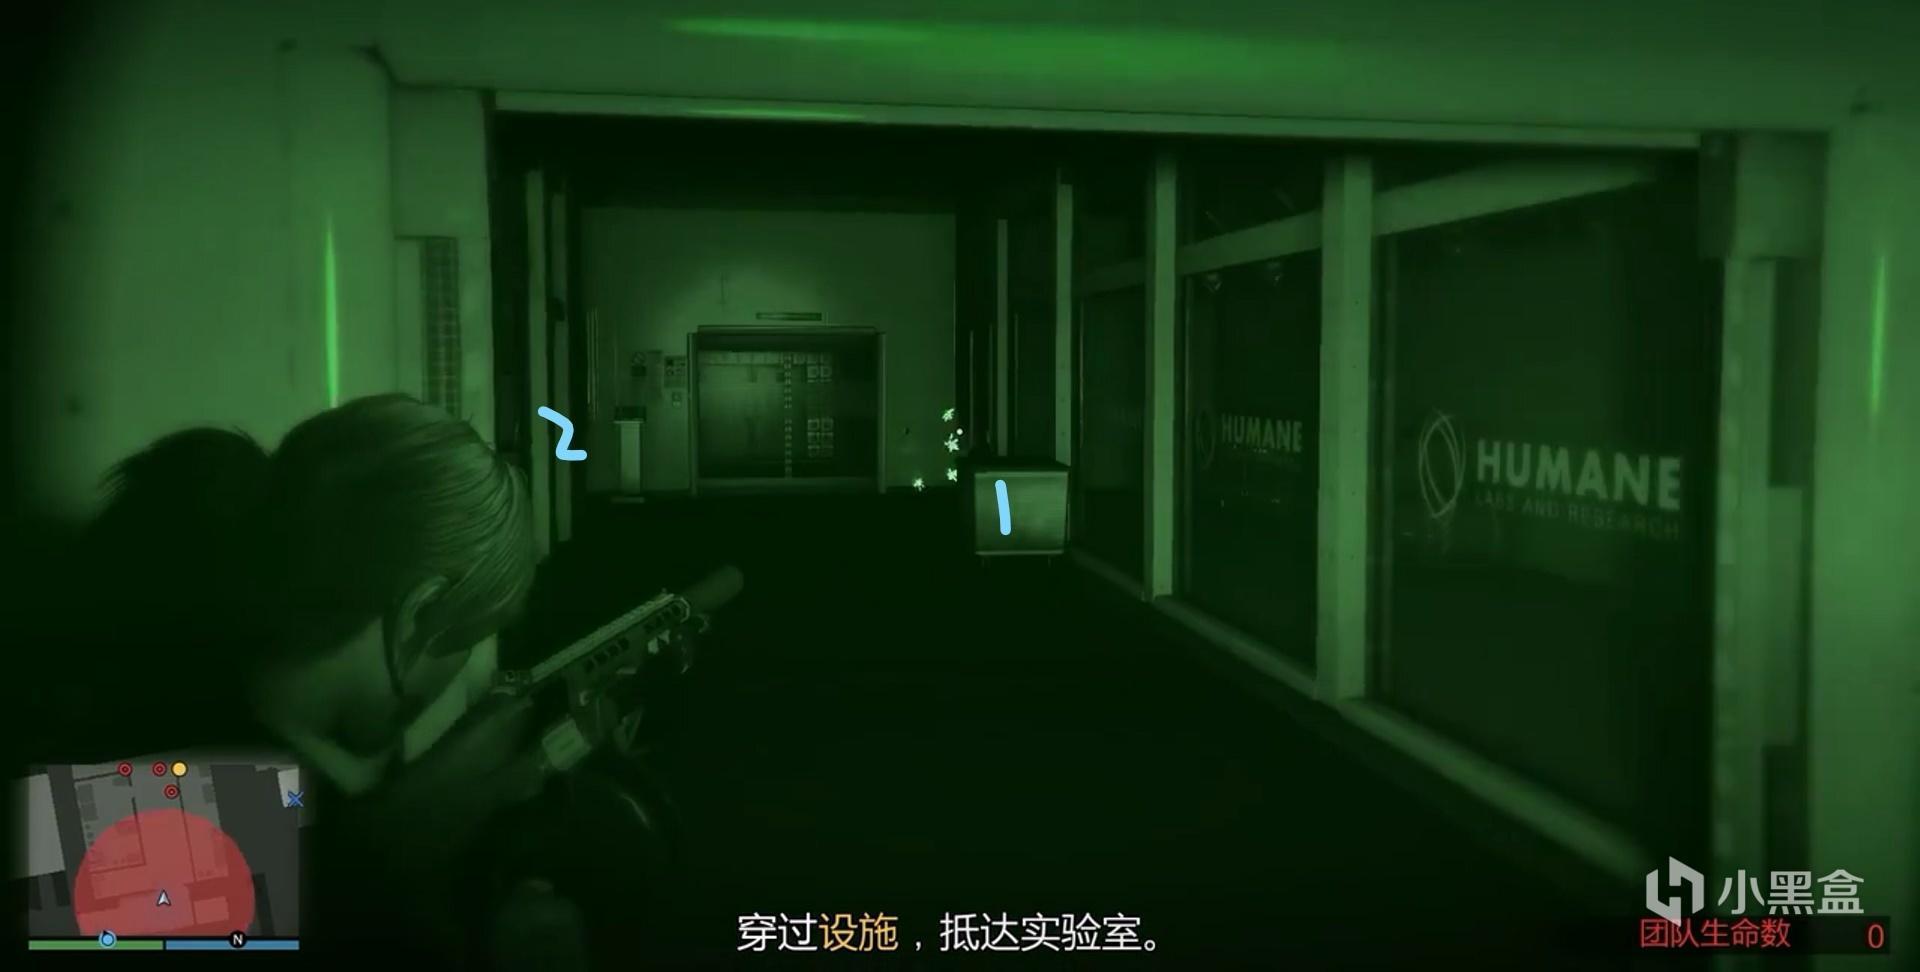 GTA5 突袭人道实验室教程插图47